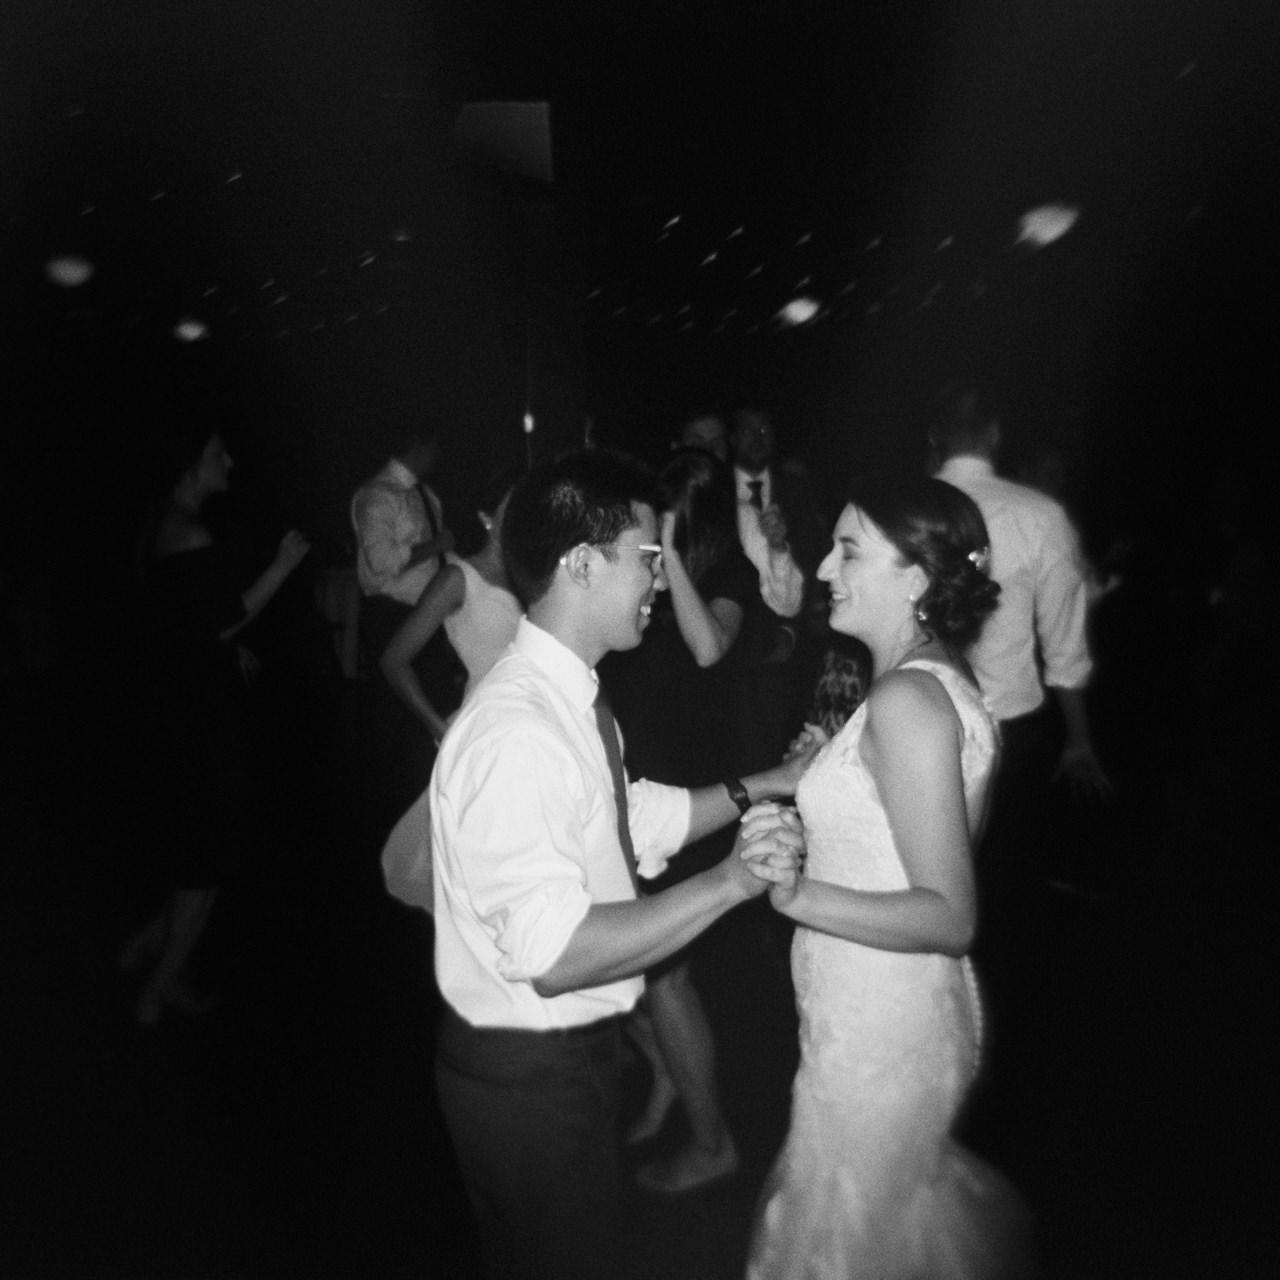 castaway-portland-oregon-wedding-096.jpg